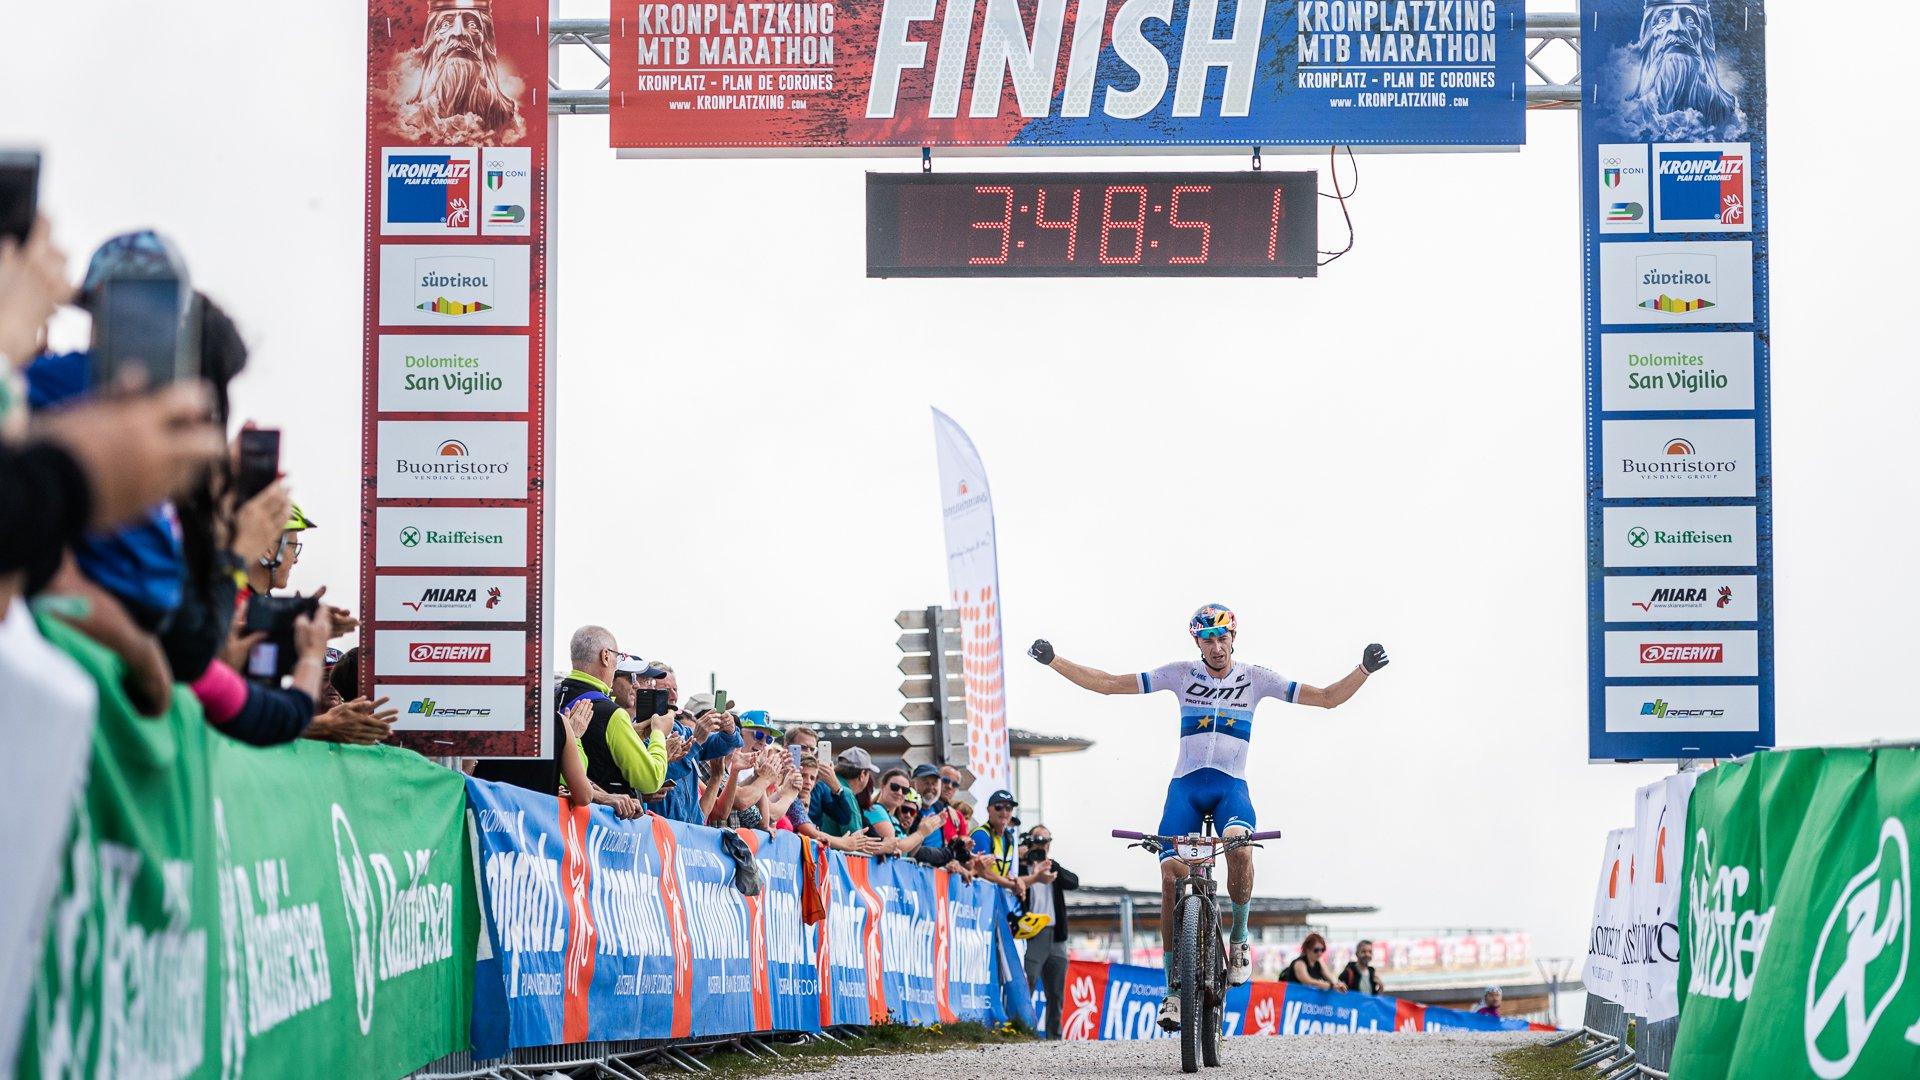 Calendario Gare Mtb 2020.Kronplatz King Marathon Maratona Di Mountain Bike Nelle